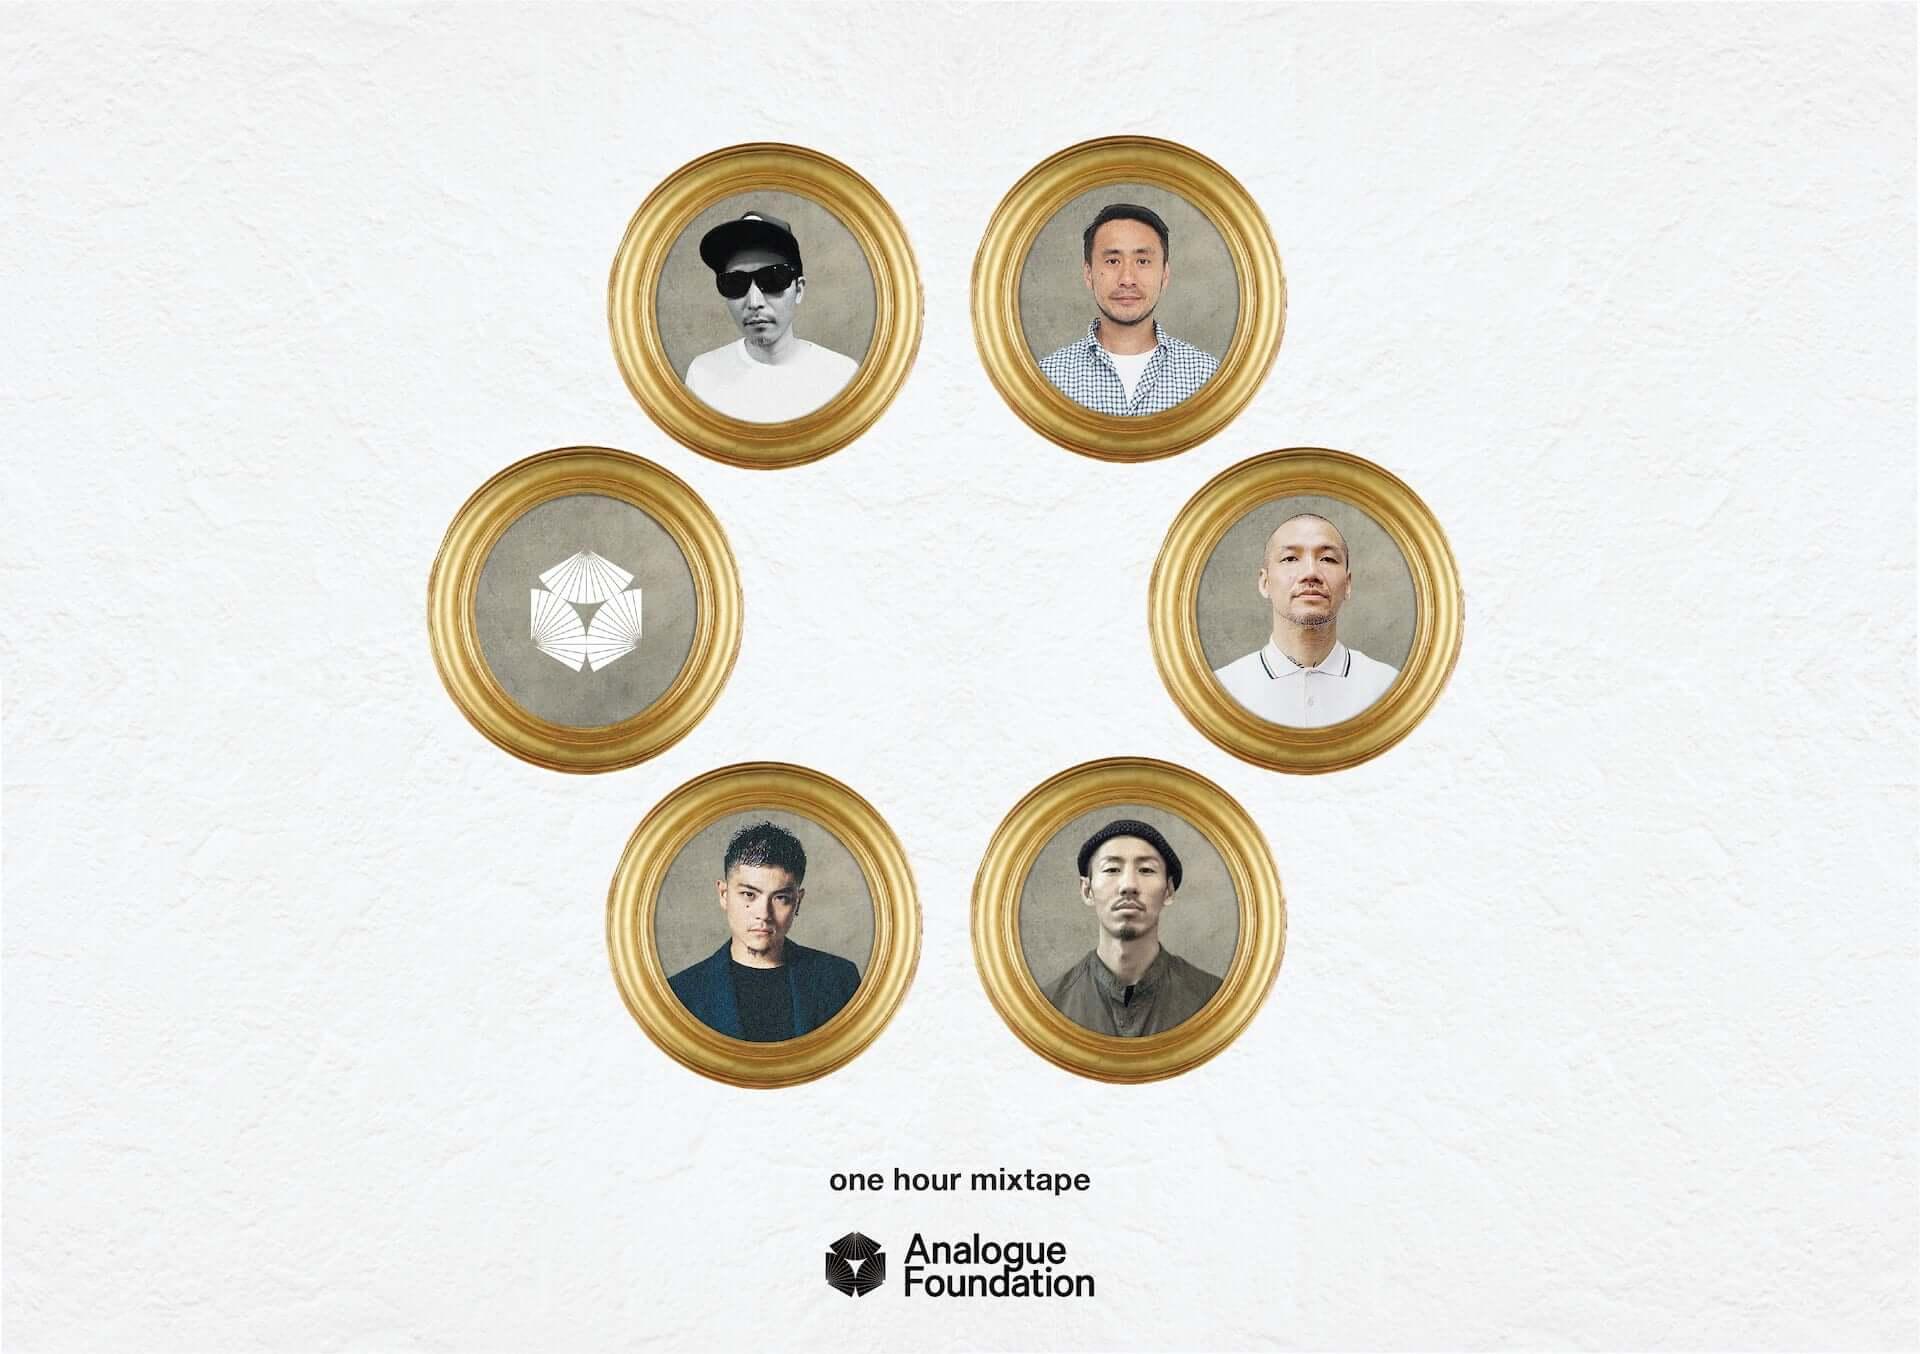 オーディオテクニカ発プロジェクト「Analogue Foundation」からミックステープシリーズが始動!DJ KENSEI、YOPPI、Ren Yokoiらが参加 music201124_analoguefoundation_1-1920x1354